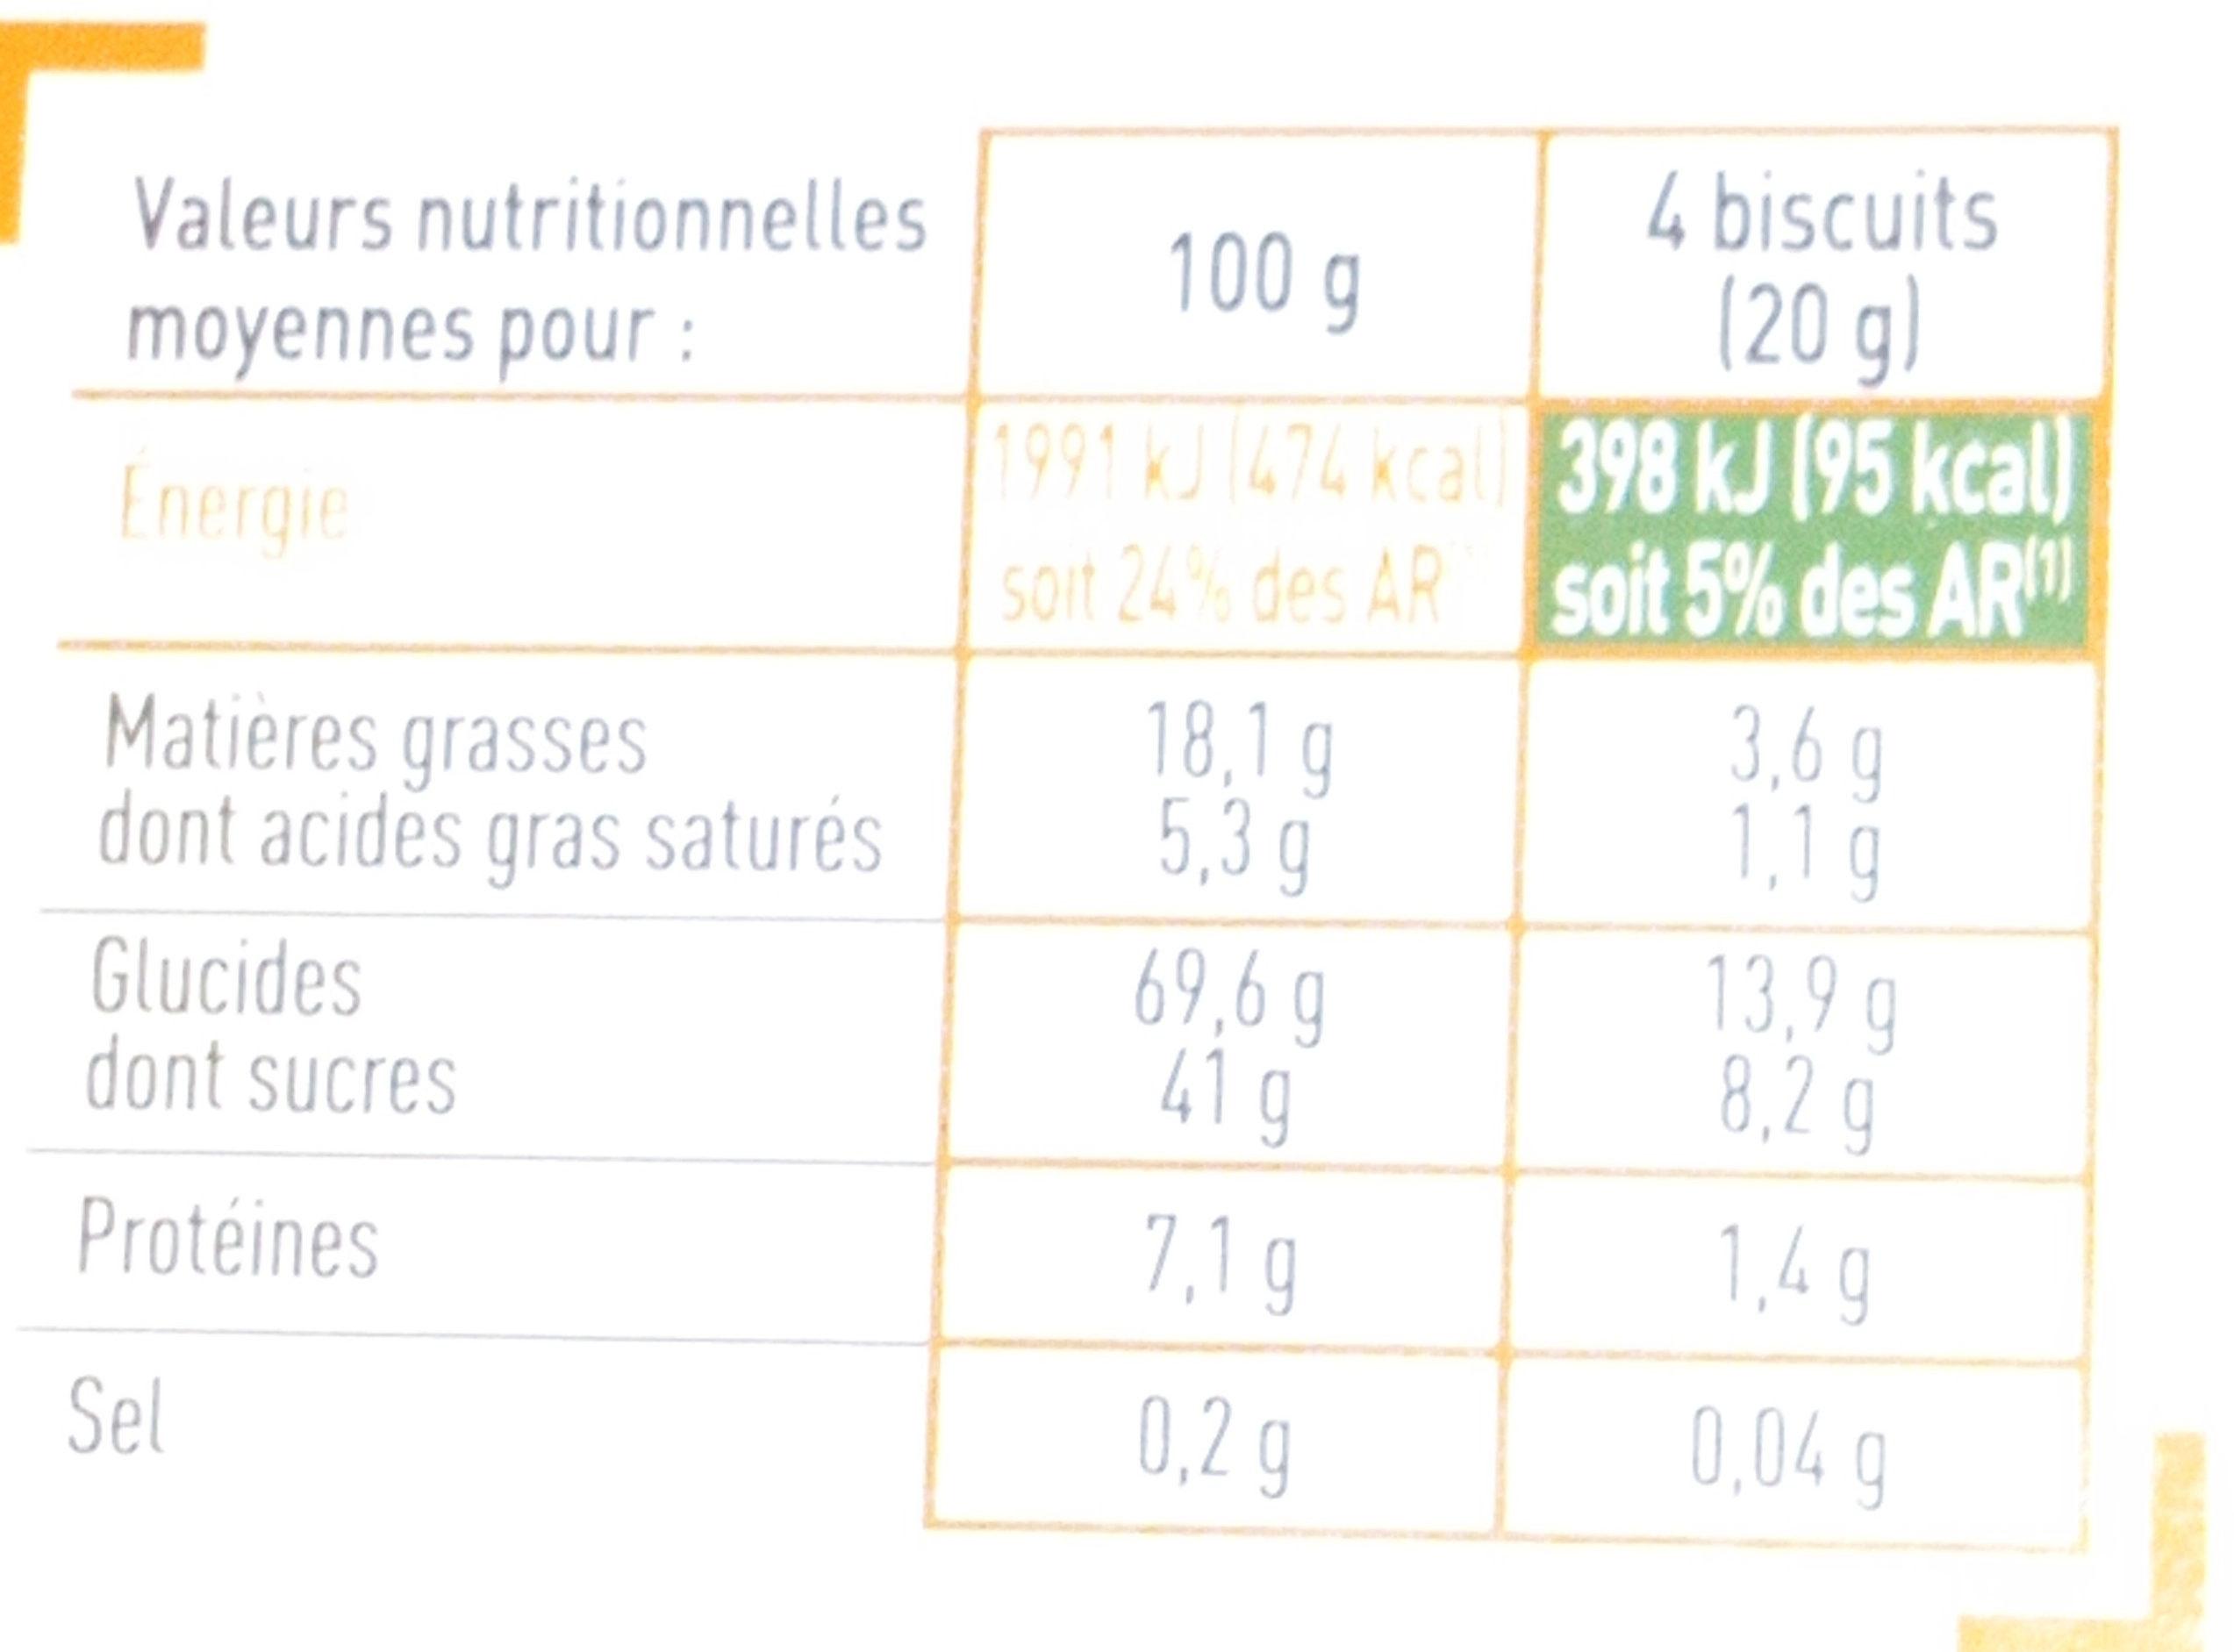 Tuiles aux amandes - Nutrition facts